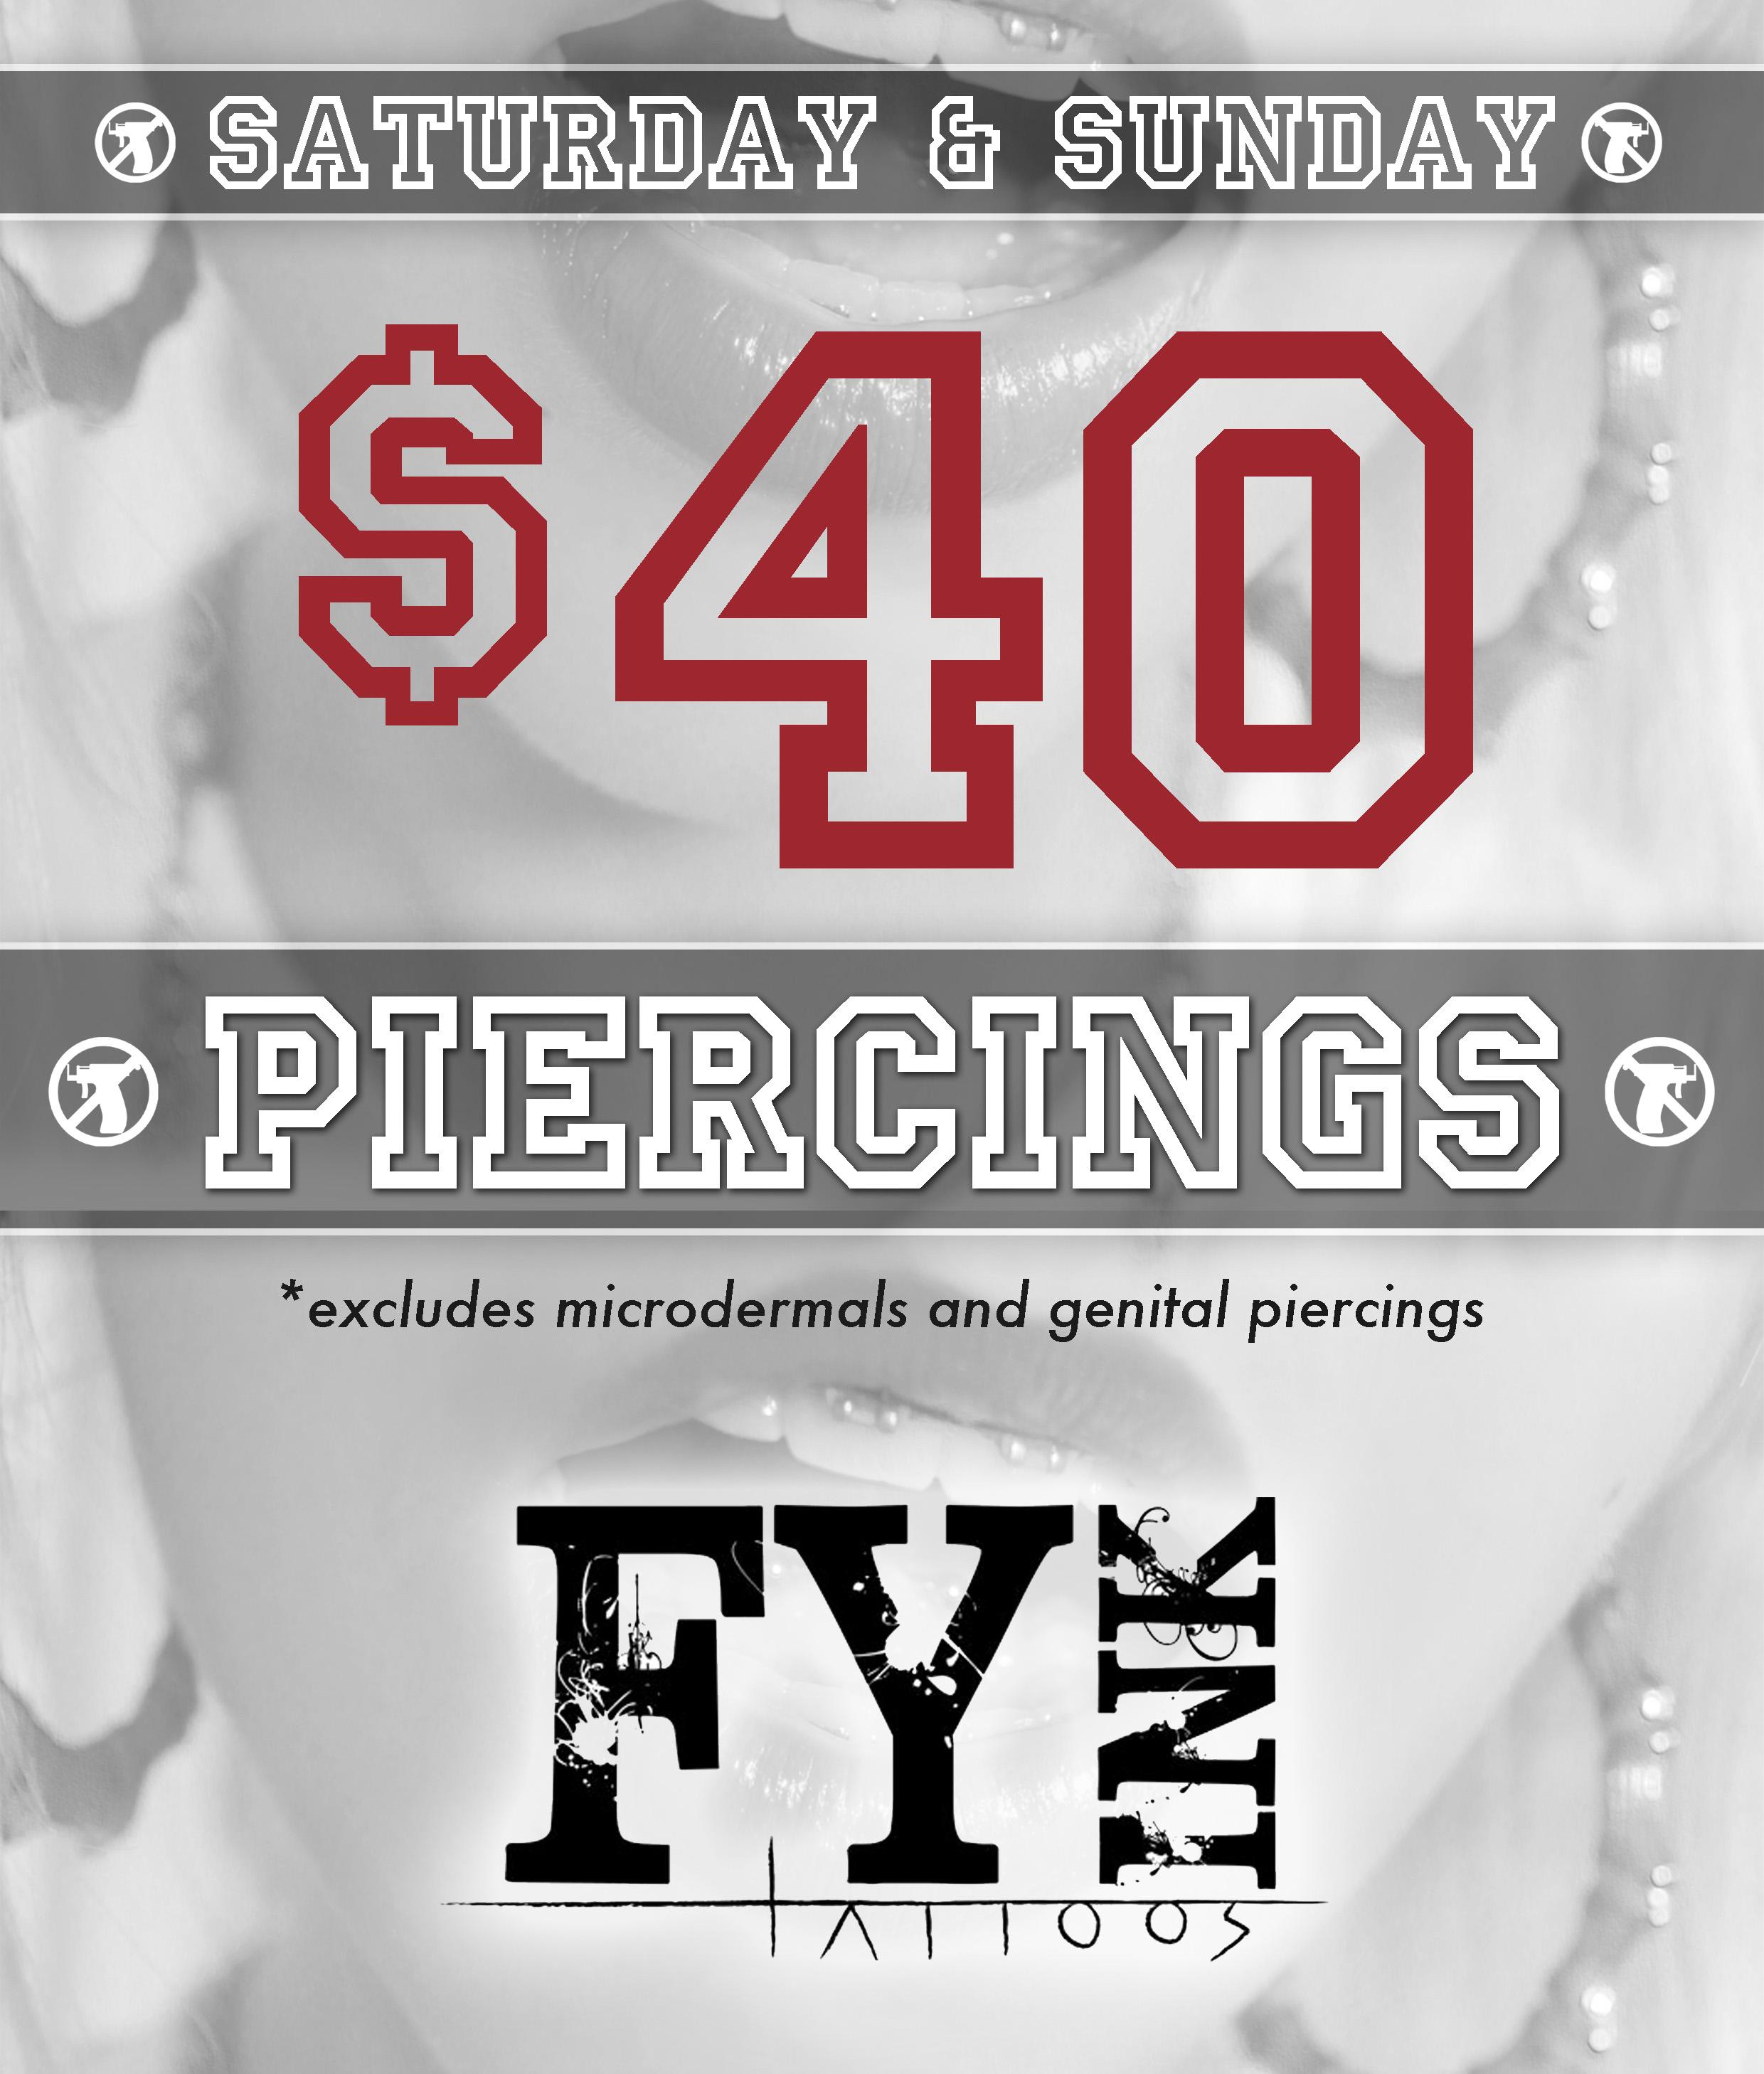 piercings.jpg